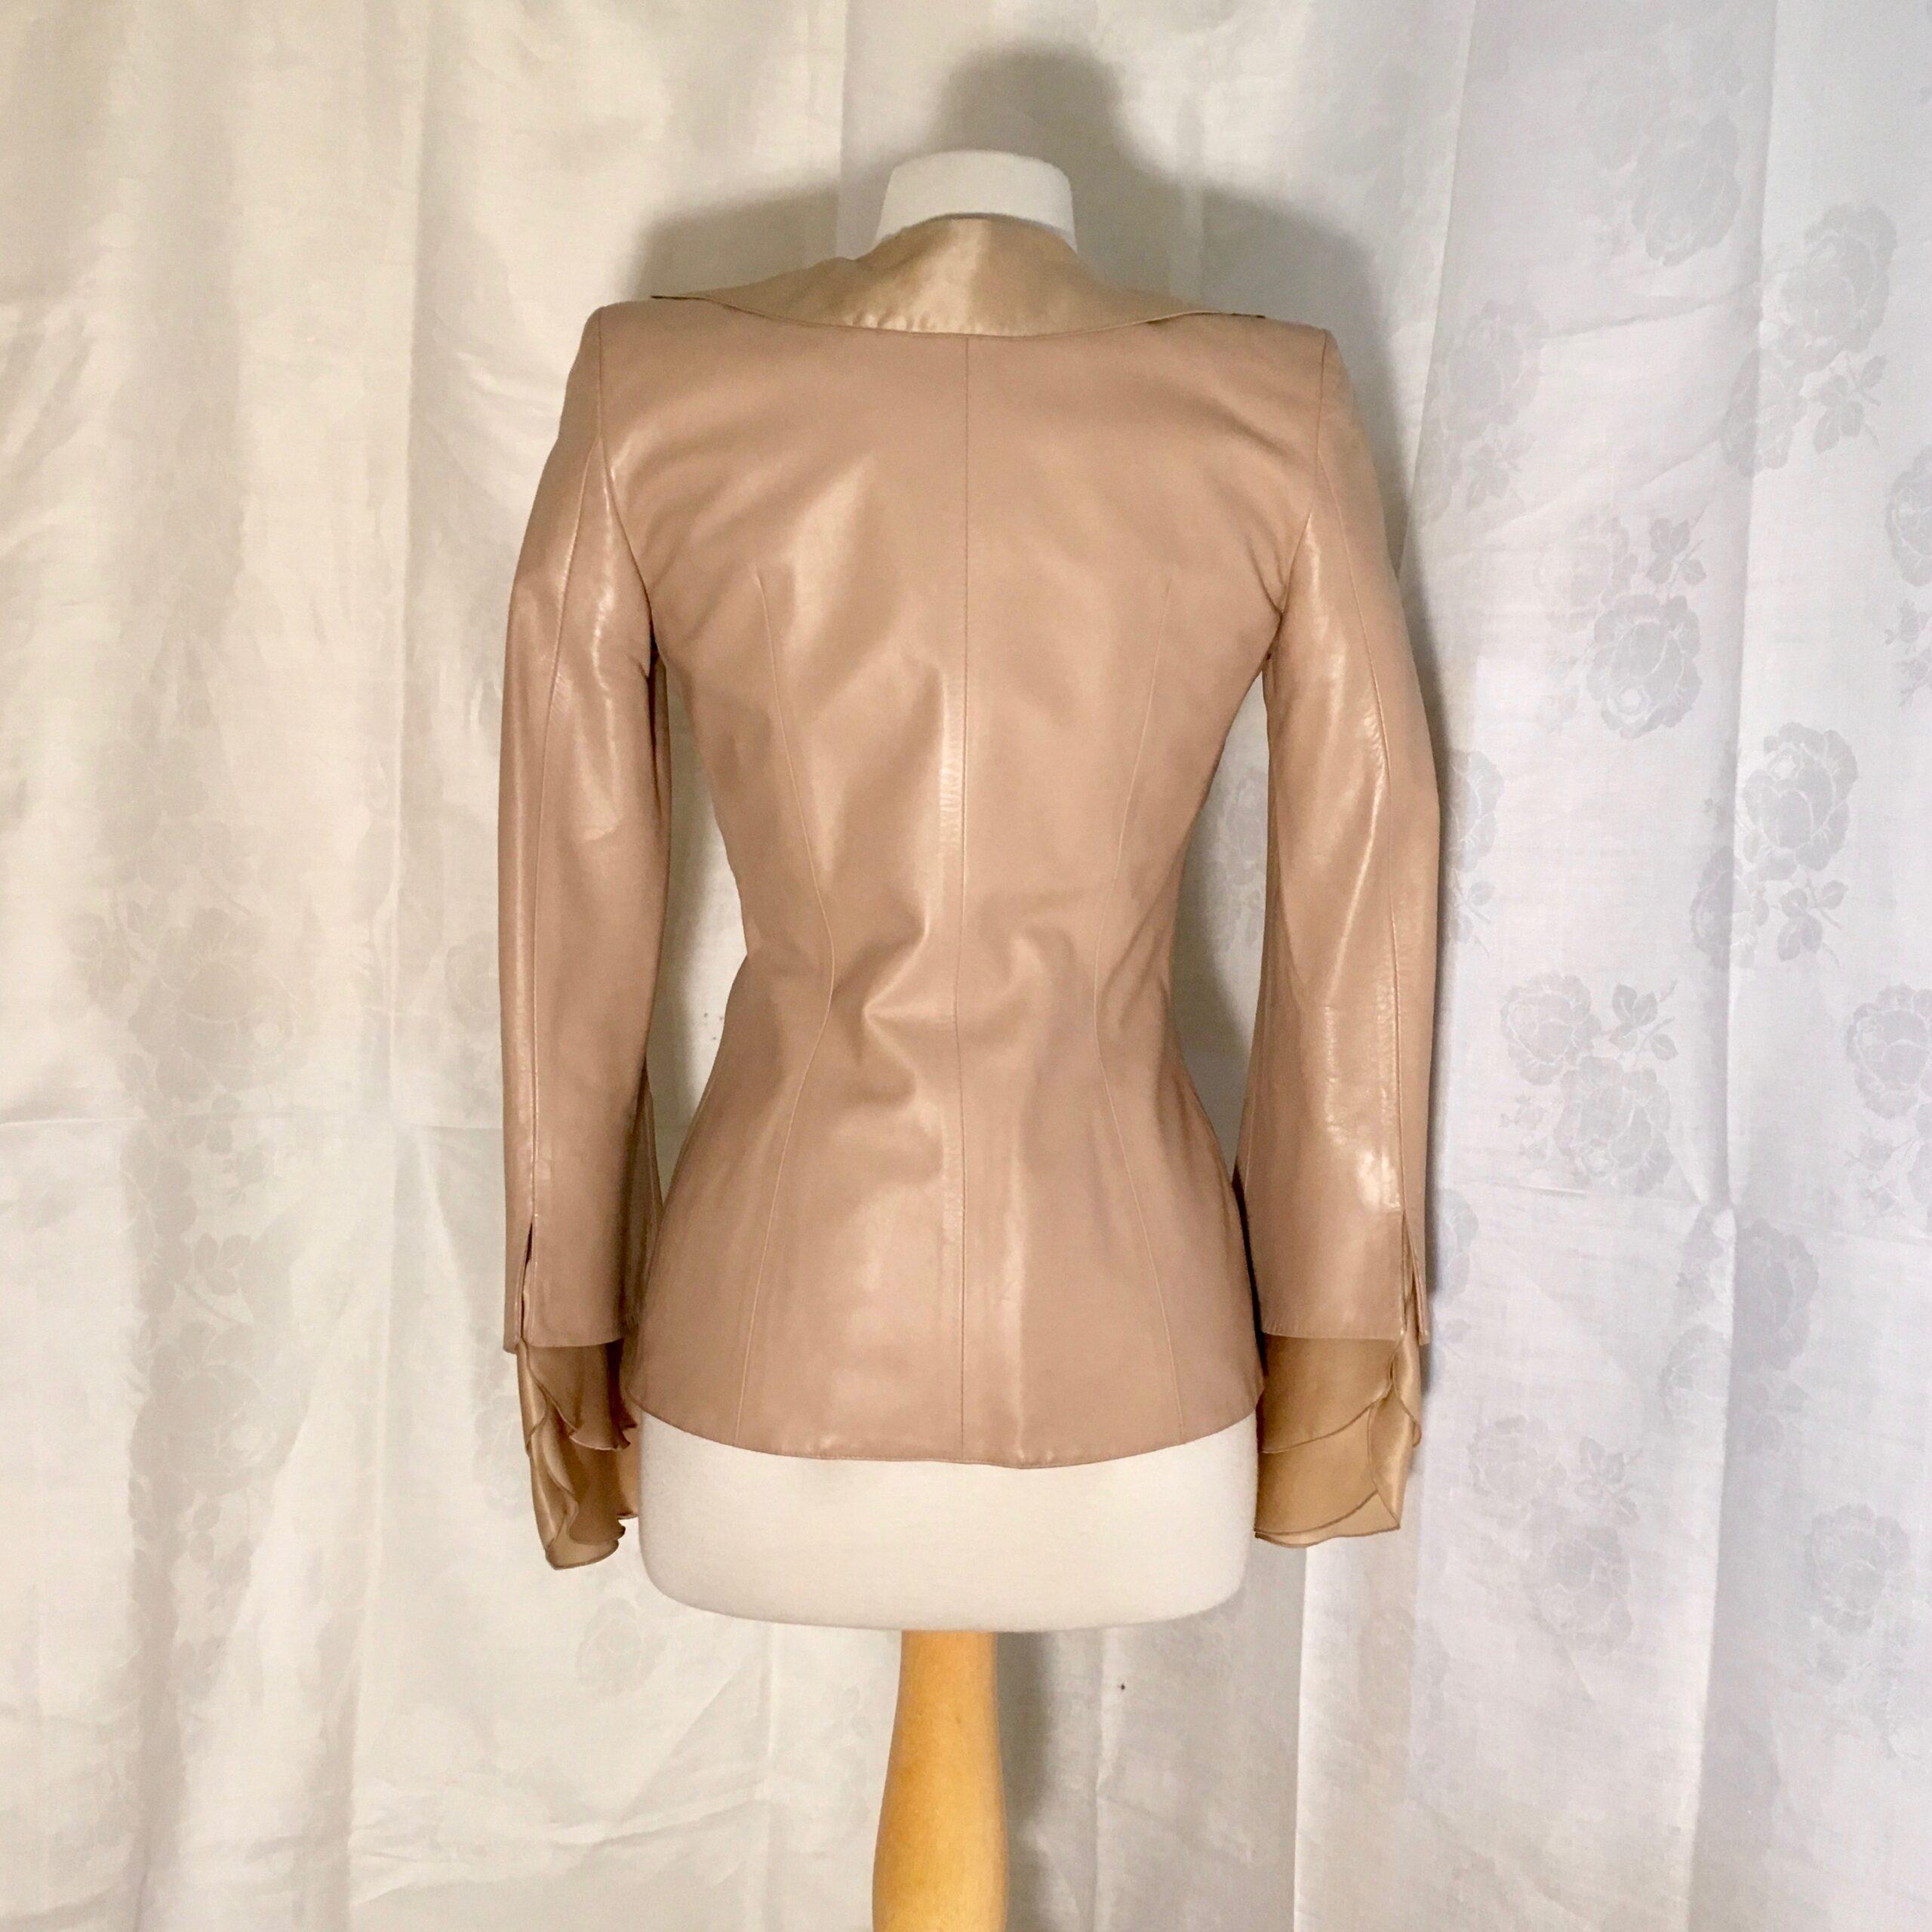 Ferragamo Leather Jacket